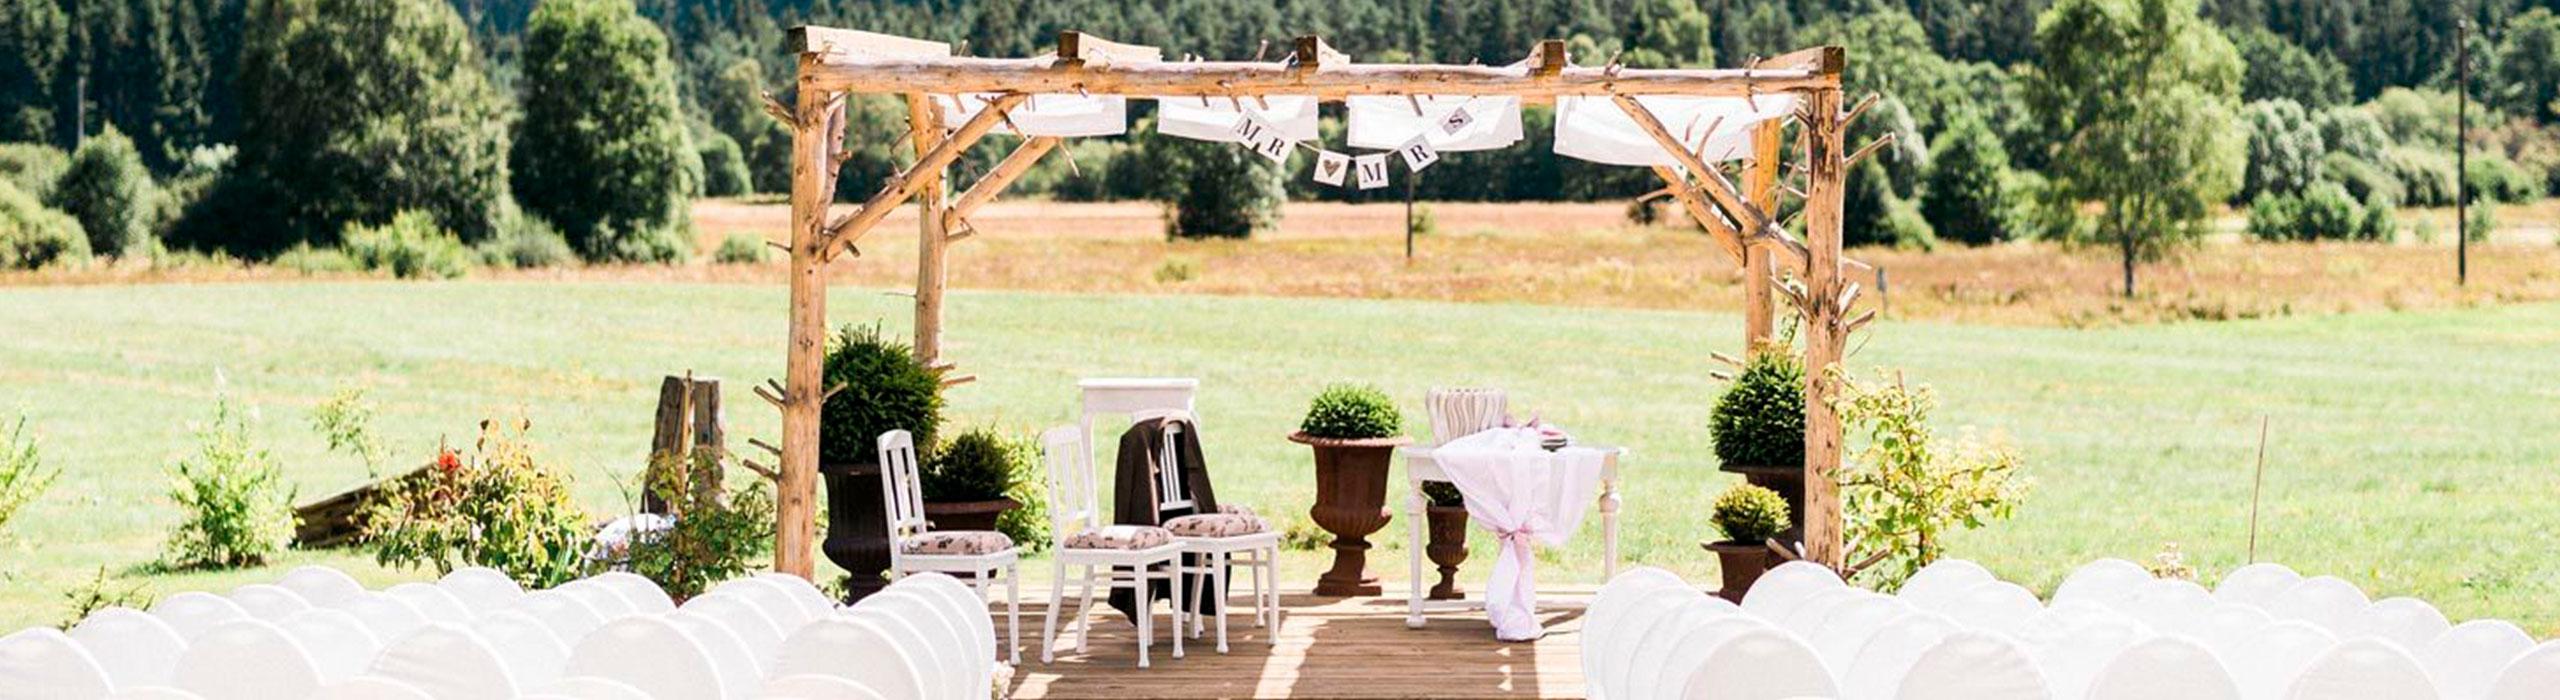 Freie Rednerin für Hochzeiten und Zeremonien